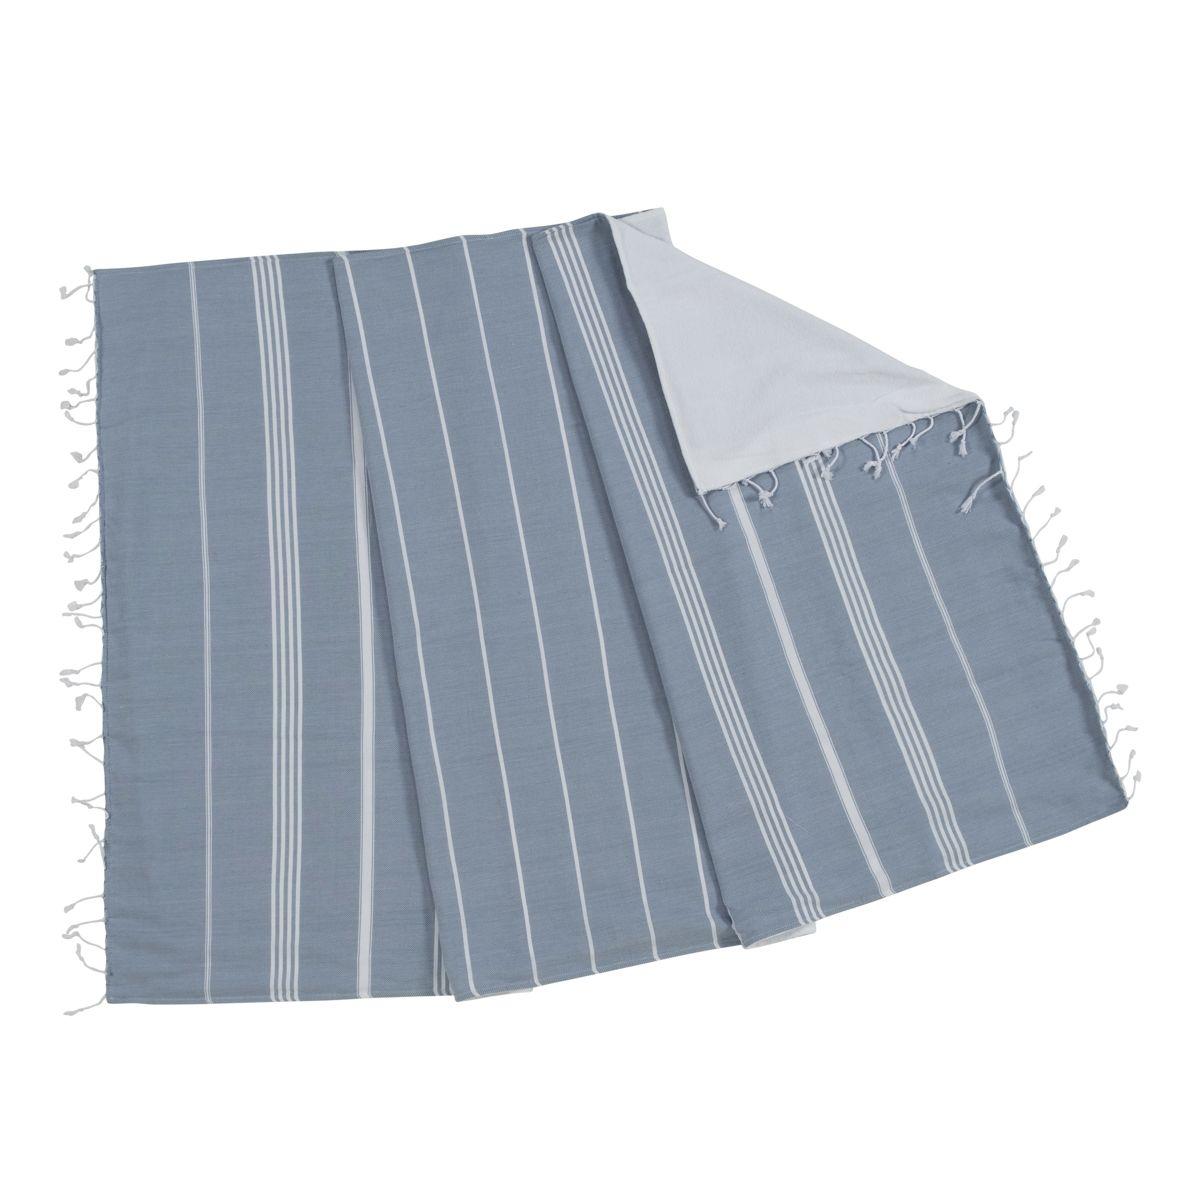 Peştemal / Havlulu Anı - Çift Yüzlü - Havacı Mavi